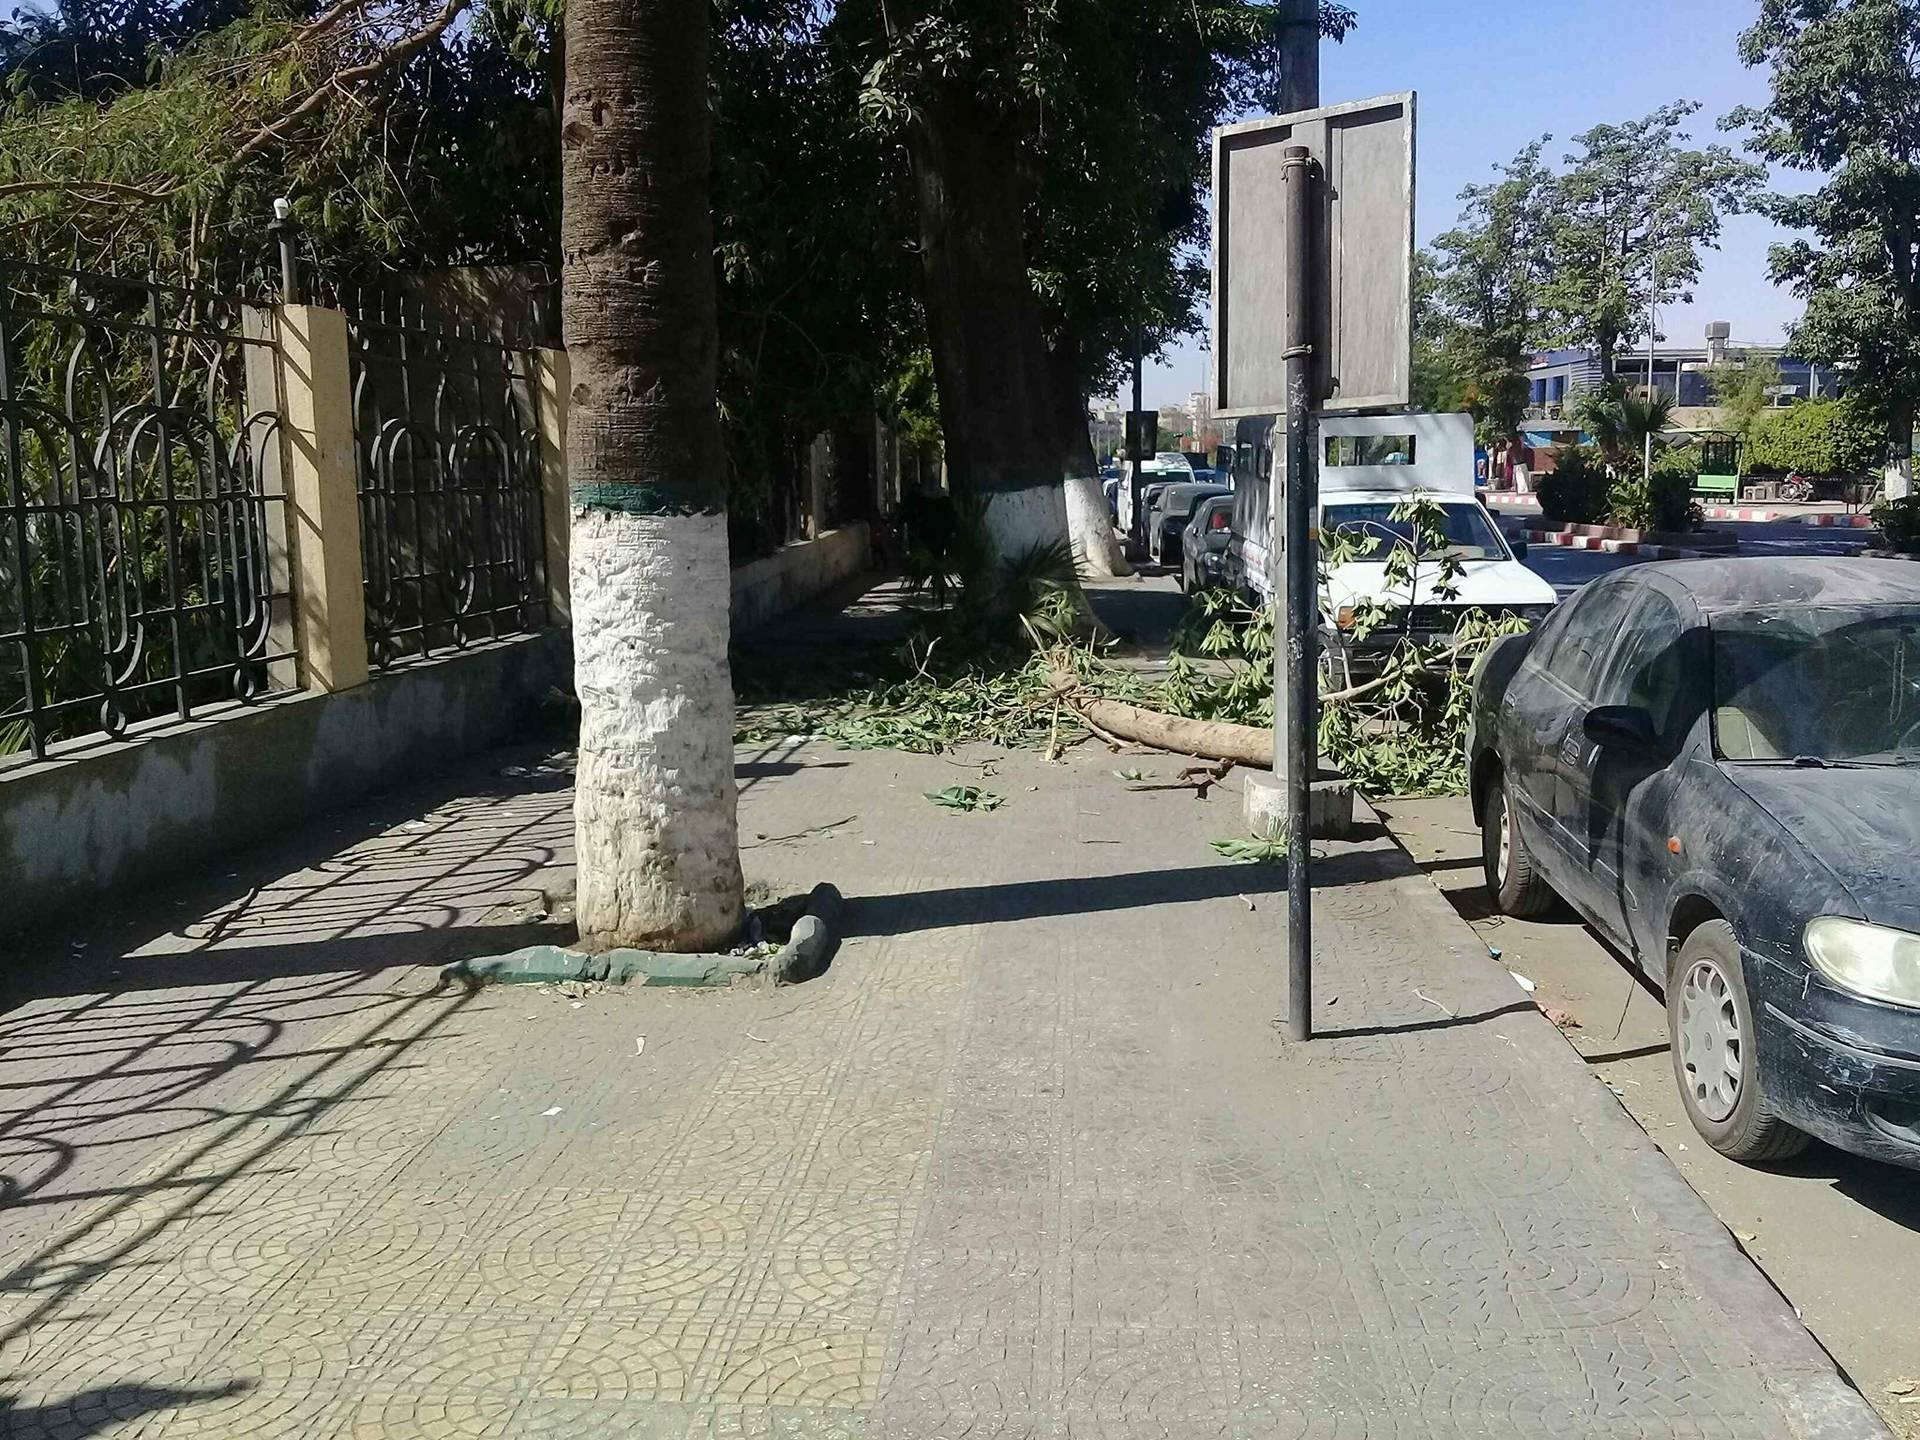 أفرع الأشجار فى الشوارع